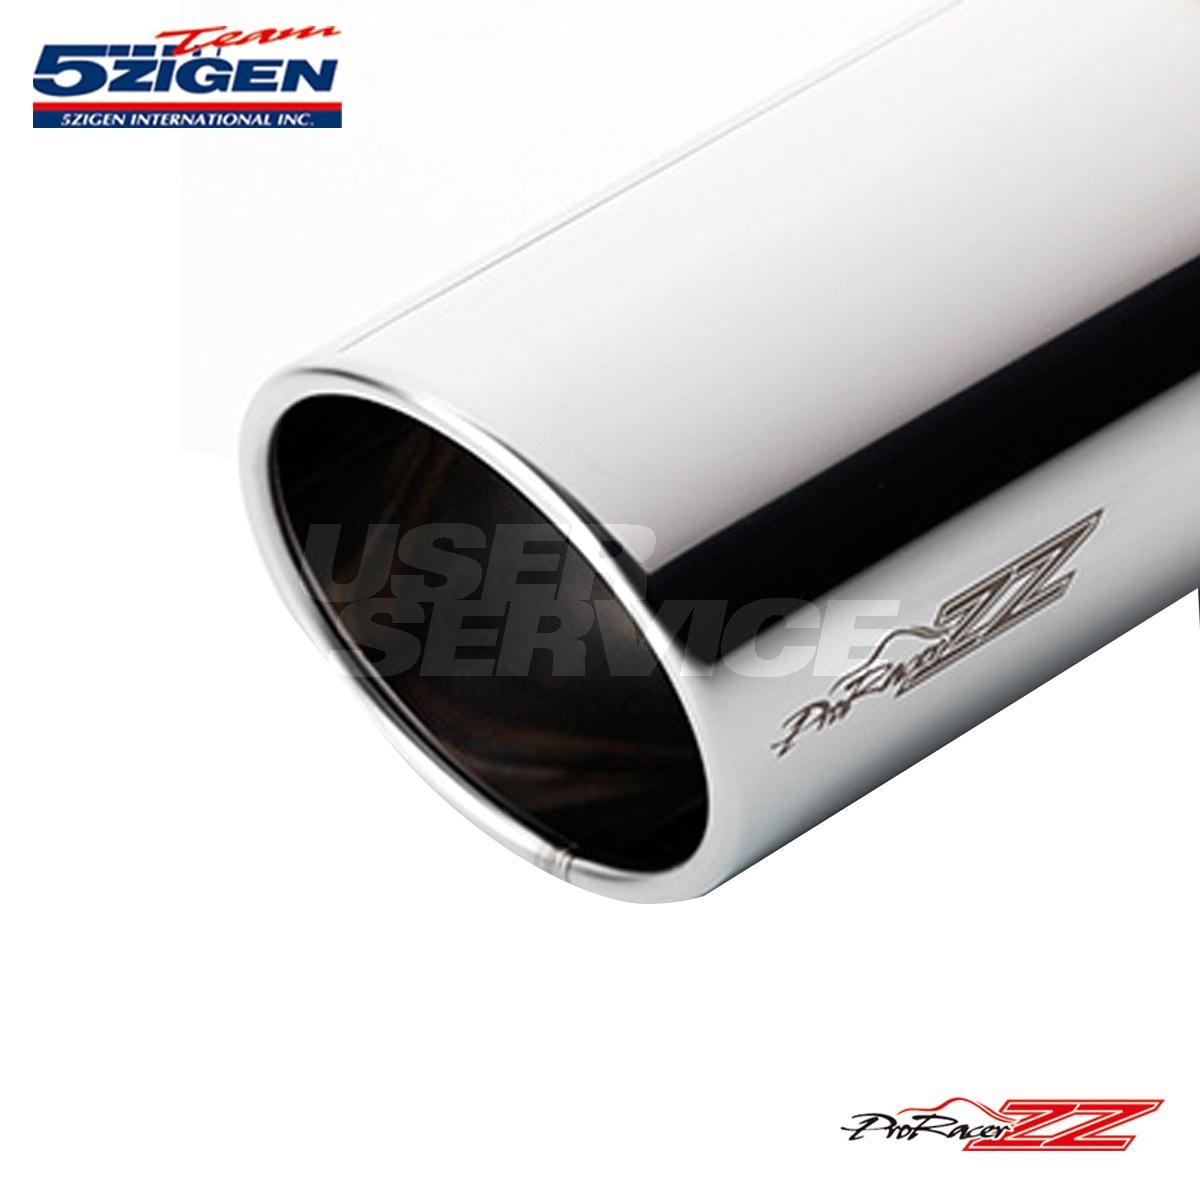 5次元 プロレーサーZZ エアトレック TA-CU2W マフラー 品番:PZM-009 5ZIGEN